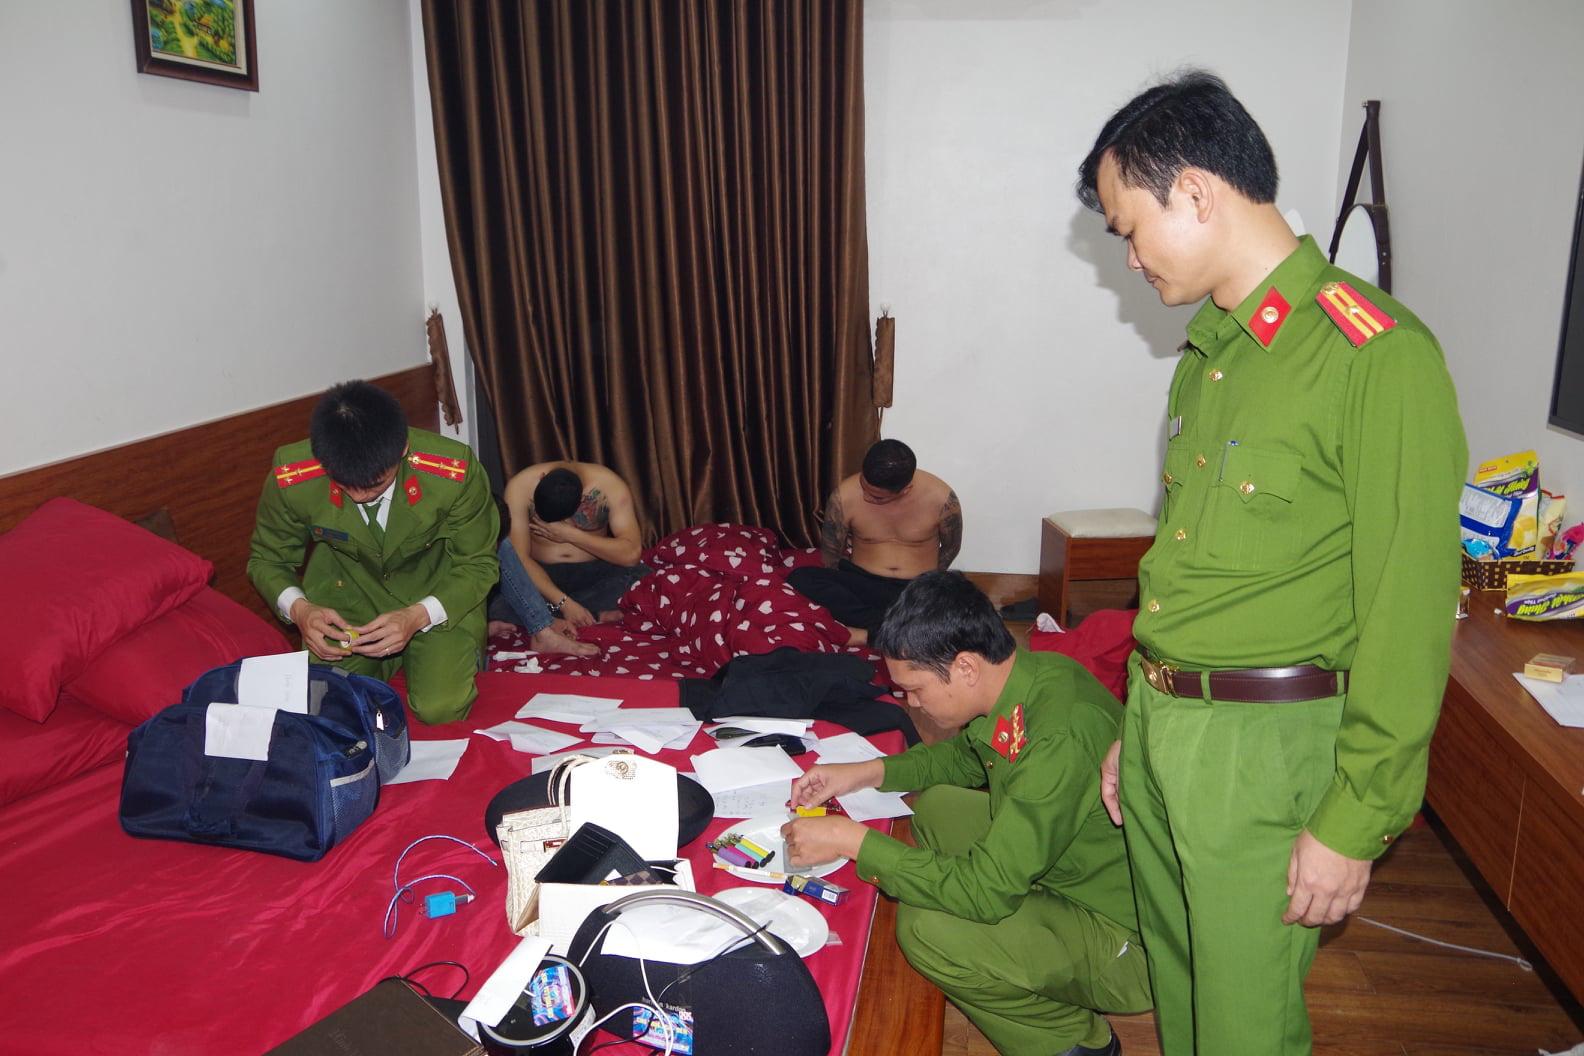 Hà Nam: Bắt 39 đối tượng 'thác loạn' bằng ma túy, mua bán dâm trong khách sạn - Ảnh 1.